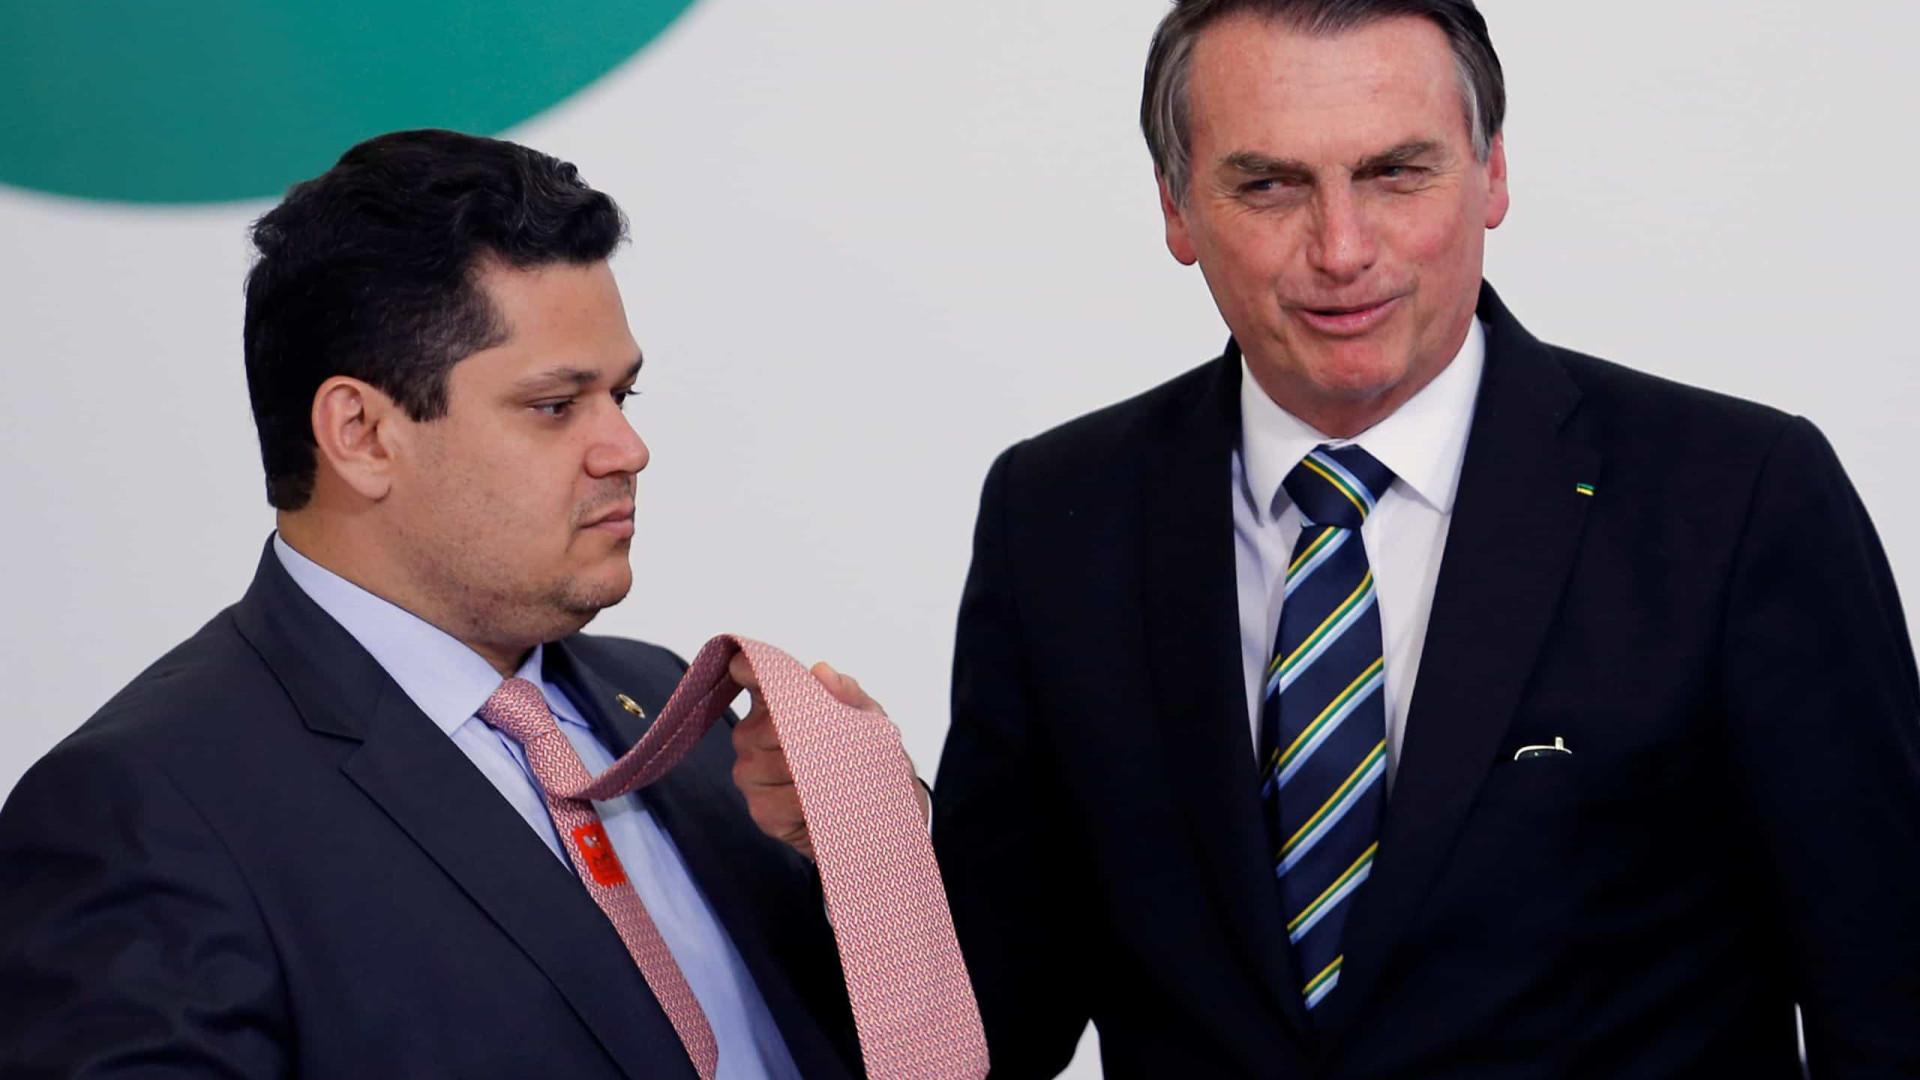 Na reabertura do Congresso, Bolsonaro e Alcolumbre convergem em pauta